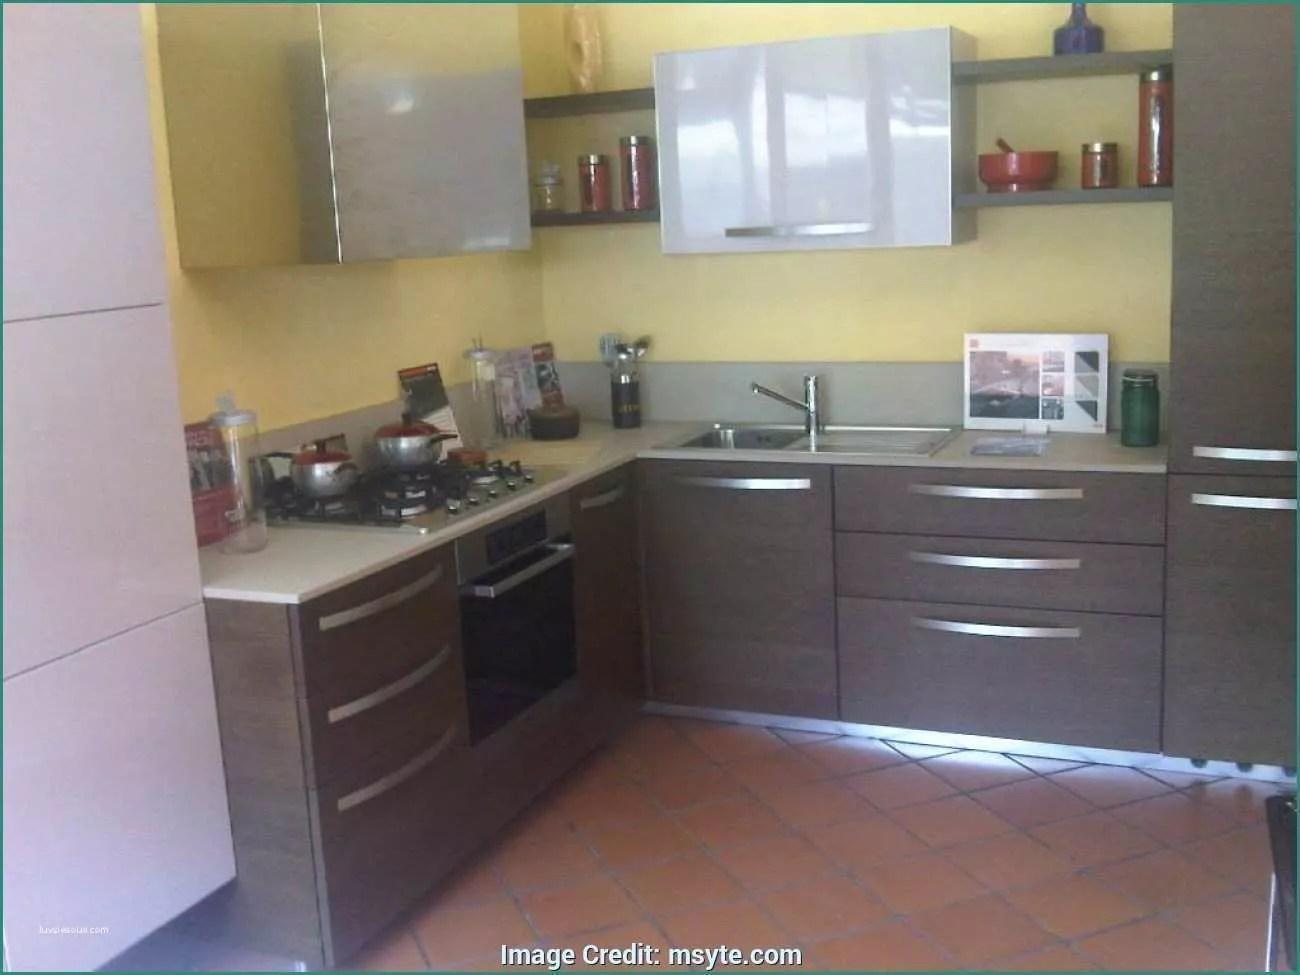 Cucine Moderne Angolari E Grazioso Cucine Angolari Piccole